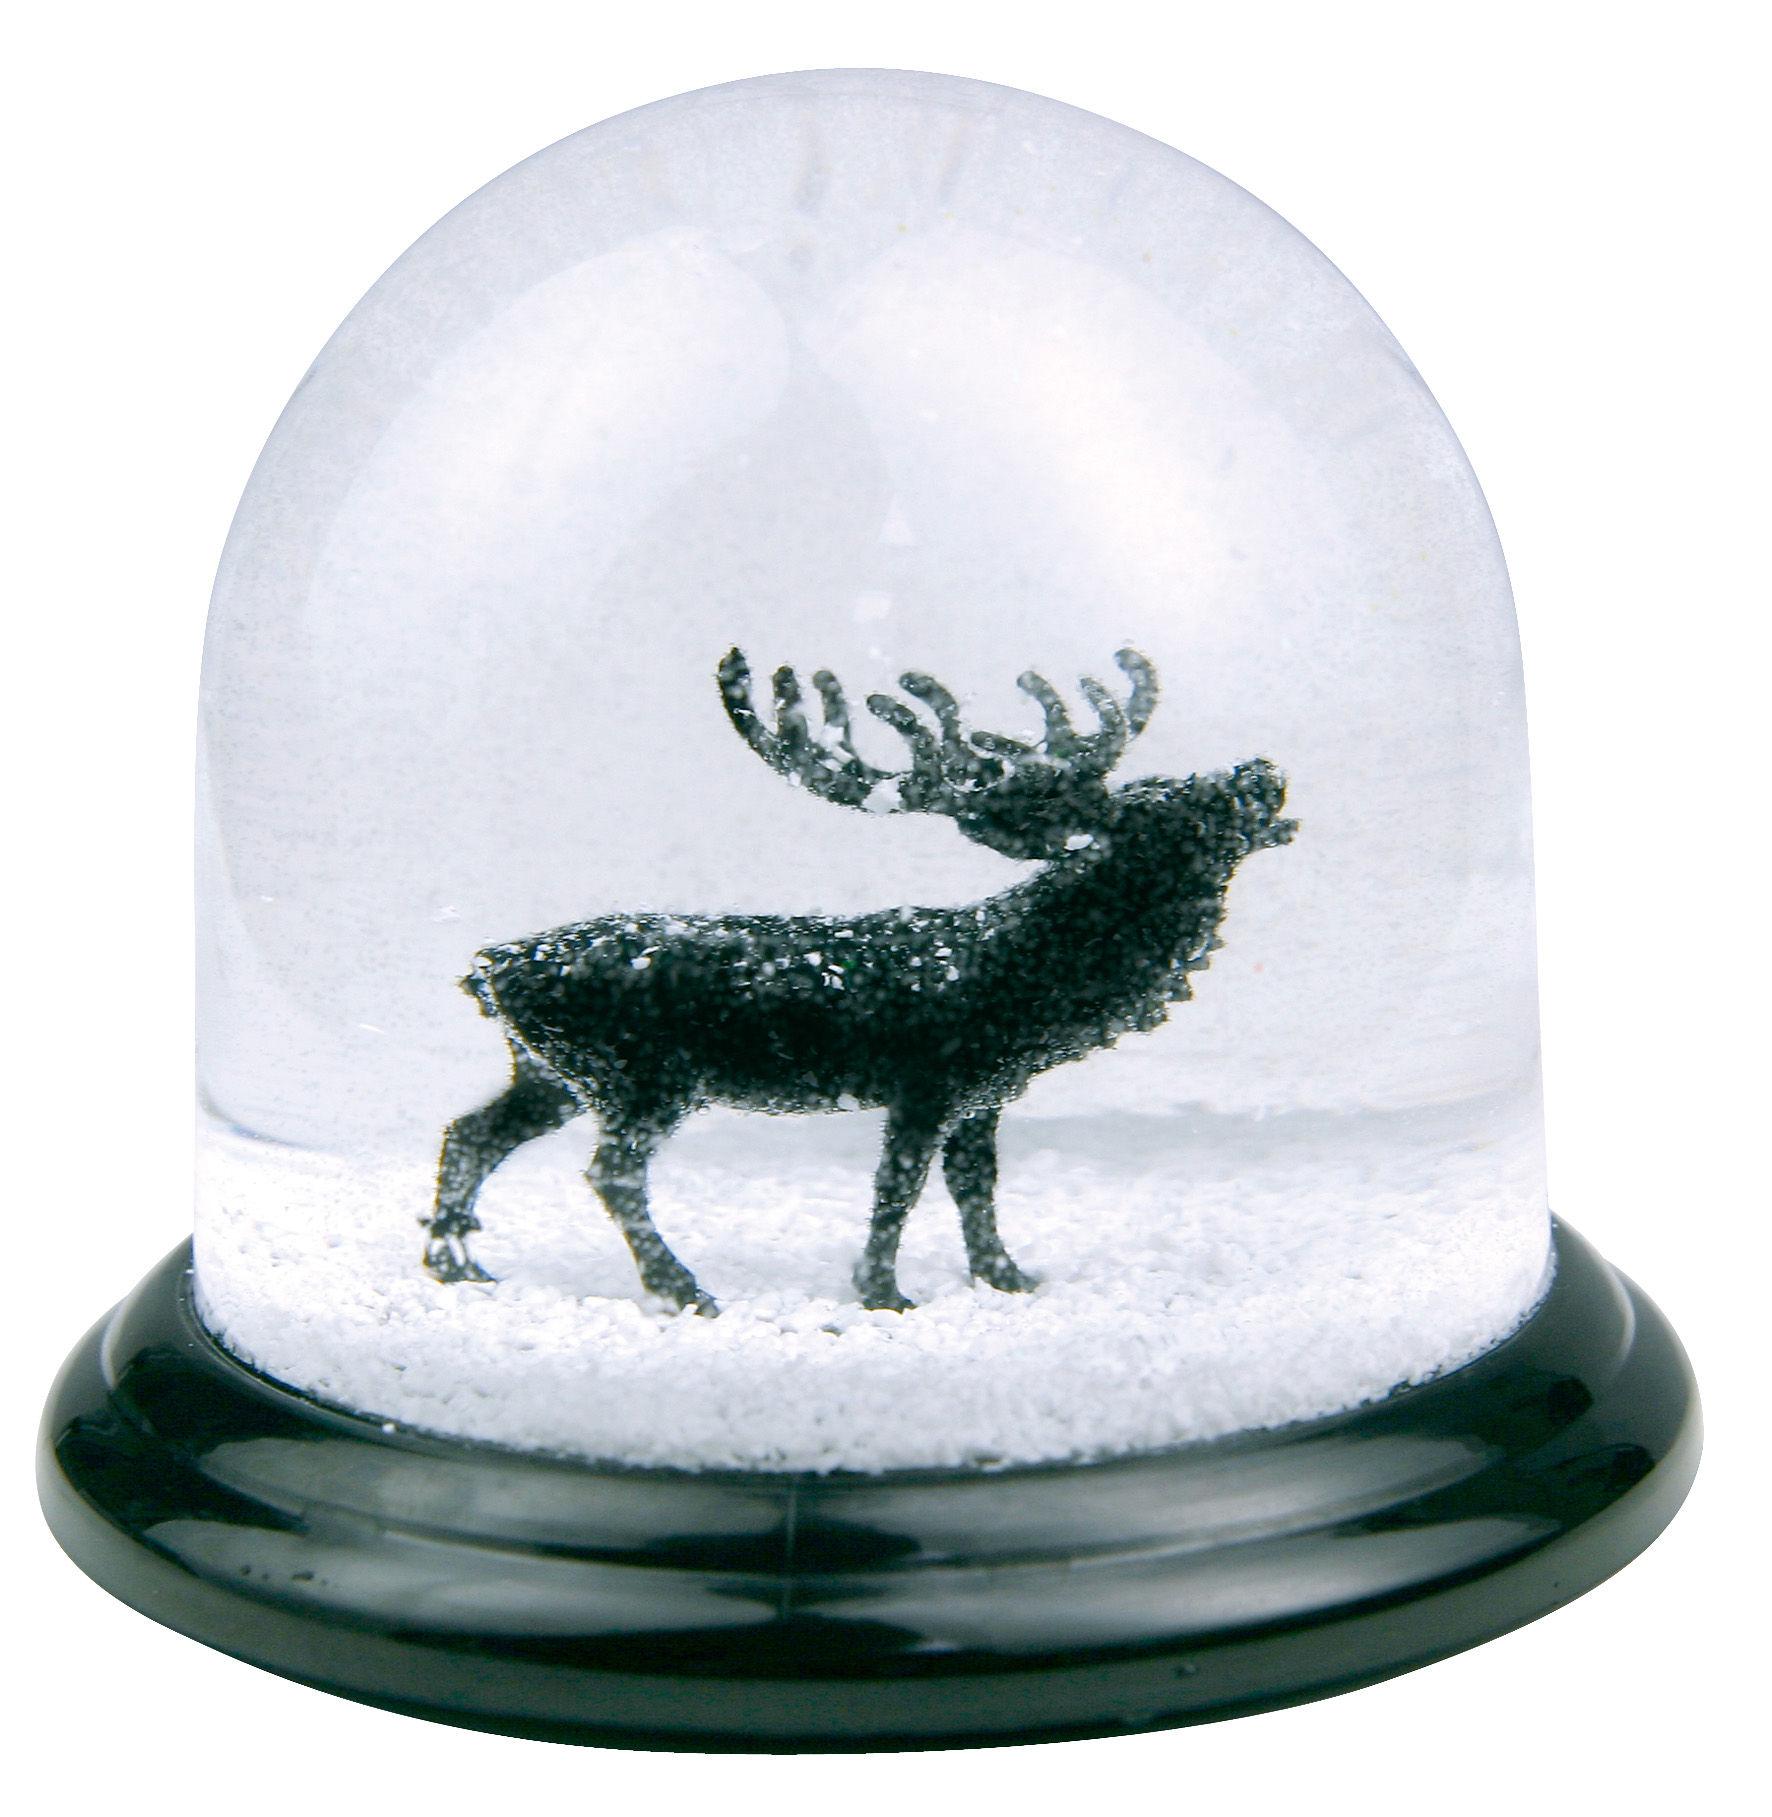 Dekoration - Für Kinder - Black Forest Schneekugel - Koziol -  - Plastikmaterial